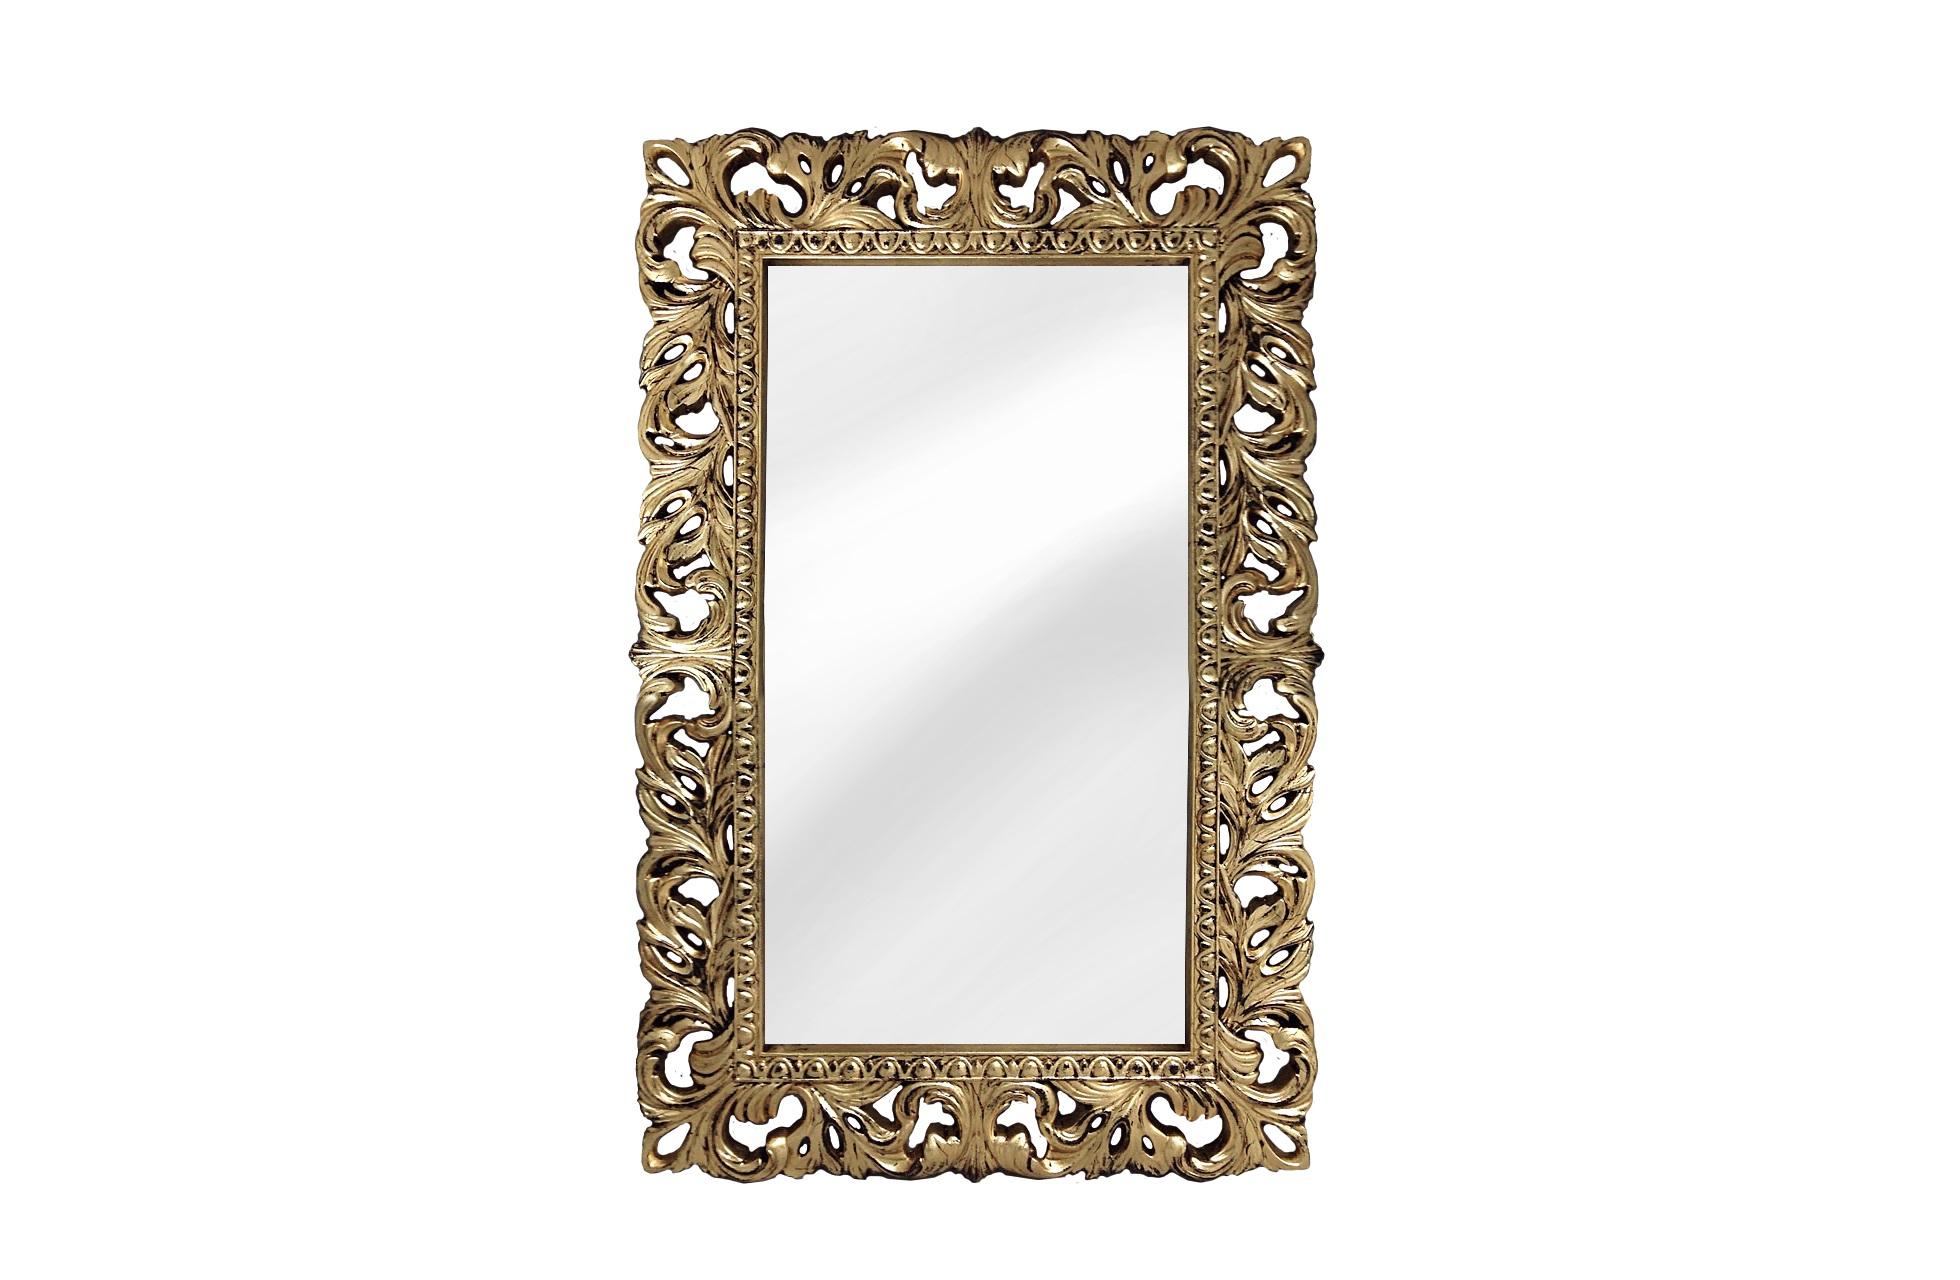 Винтажное Итальянское зеркалоНастенные зеркала<br>&amp;lt;div&amp;gt;Это винтажное зеркало напоминает те, другие, в которые смотрелись итальянские синьоры в каждом своих палаццо. Роскошная рама изготовлена вручную опытными мастерами, но из современного композитного материала. Он прочный, влагостойкий и готов служить долгие годы, не теряя внешней привлекательности. Лакокрасочное покрытие экологично и очень стойкое.&amp;lt;/div&amp;gt;&amp;lt;div&amp;gt;&amp;lt;br&amp;gt;&amp;lt;/div&amp;gt;&amp;lt;div&amp;gt;Цвет:&amp;amp;nbsp;Венге Золото Поталь&amp;lt;br&amp;gt;&amp;lt;div&amp;gt;&amp;lt;br&amp;gt;&amp;lt;/div&amp;gt;&amp;lt;/div&amp;gt;<br><br>Material: Полиуретан<br>Length см: None<br>Width см: 63<br>Depth см: 4<br>Height см: 95